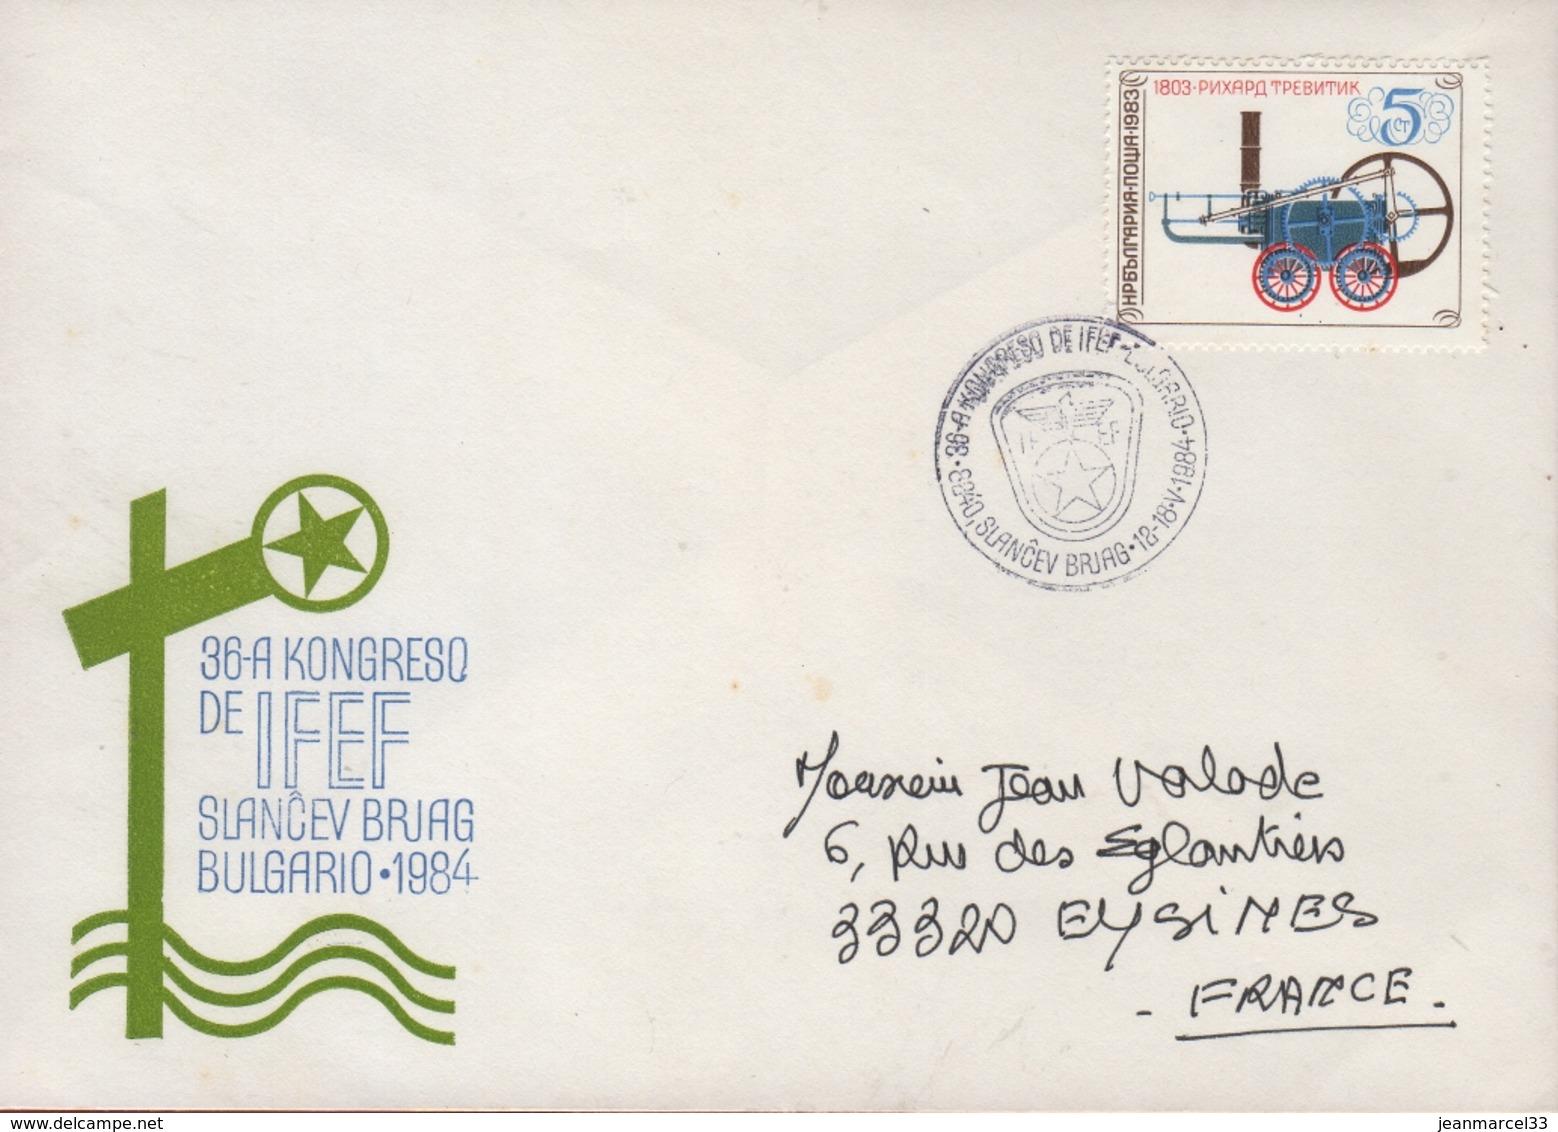 Espéranto Enveloppe Commémorative Avec Cachet Du Congrès De Ifef Bulgarie 13-18 V 1984 - Esperanto